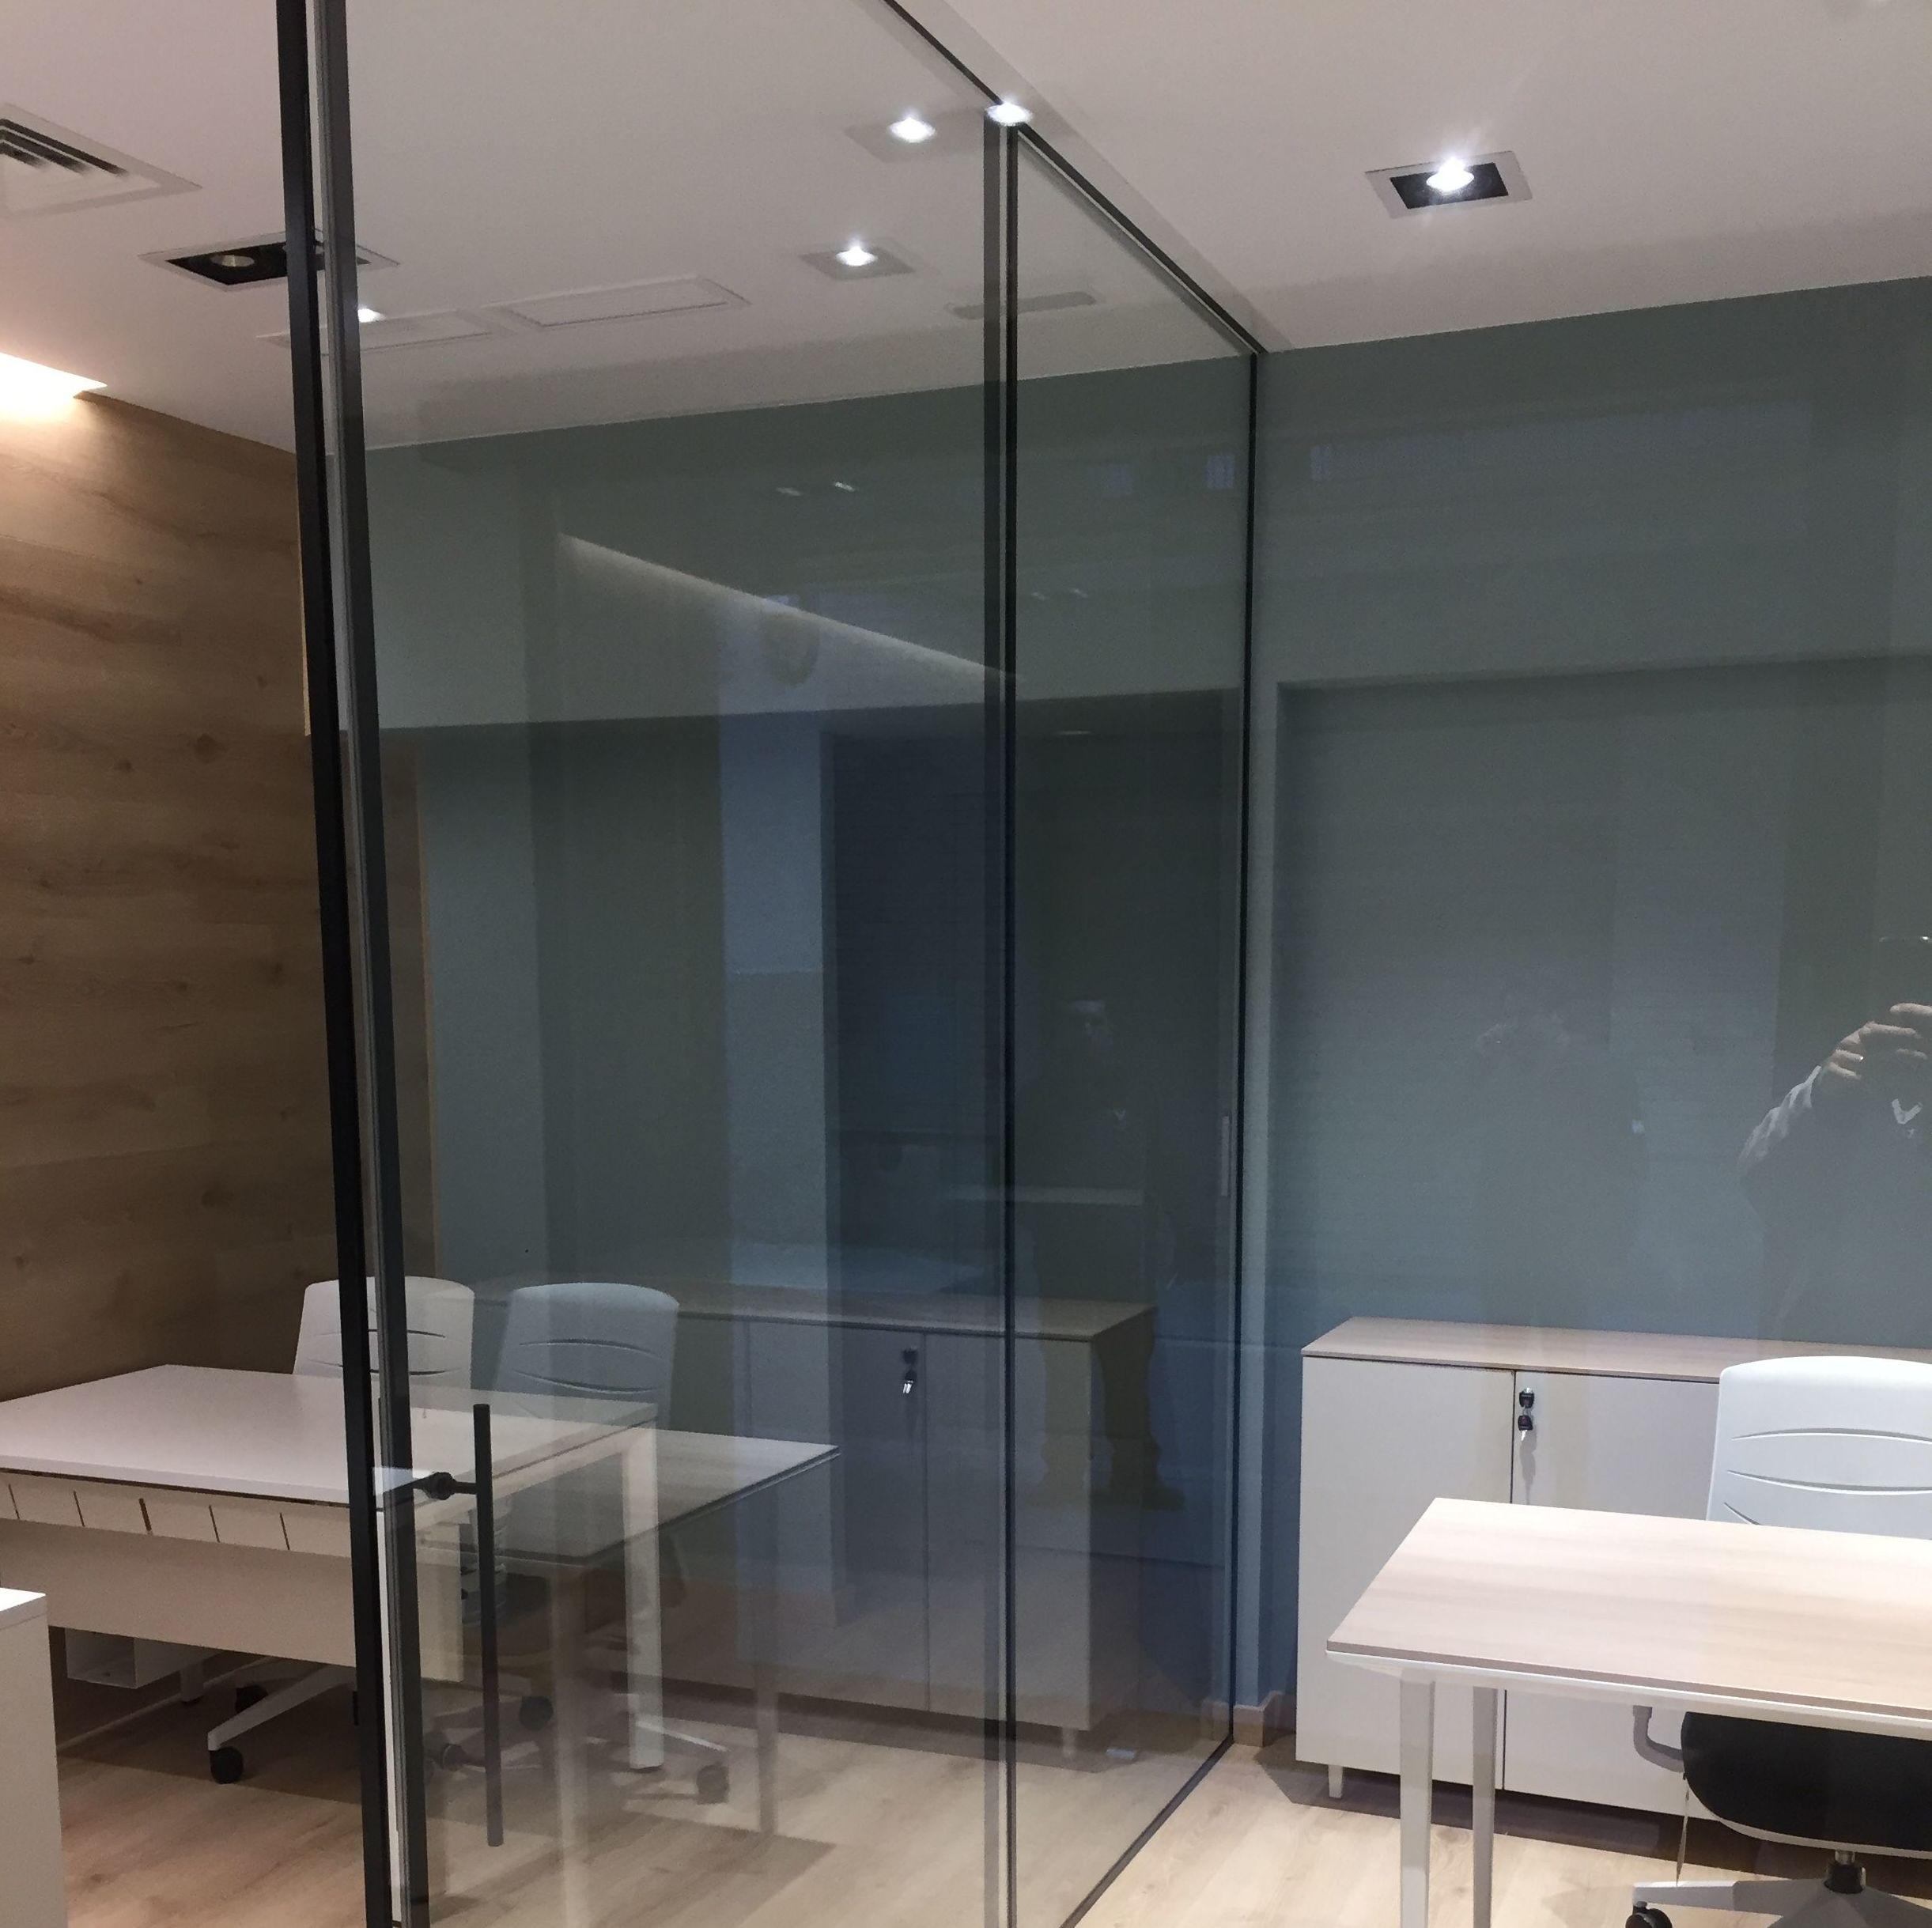 Puertas correderas de cristal Villafranca del Penedés